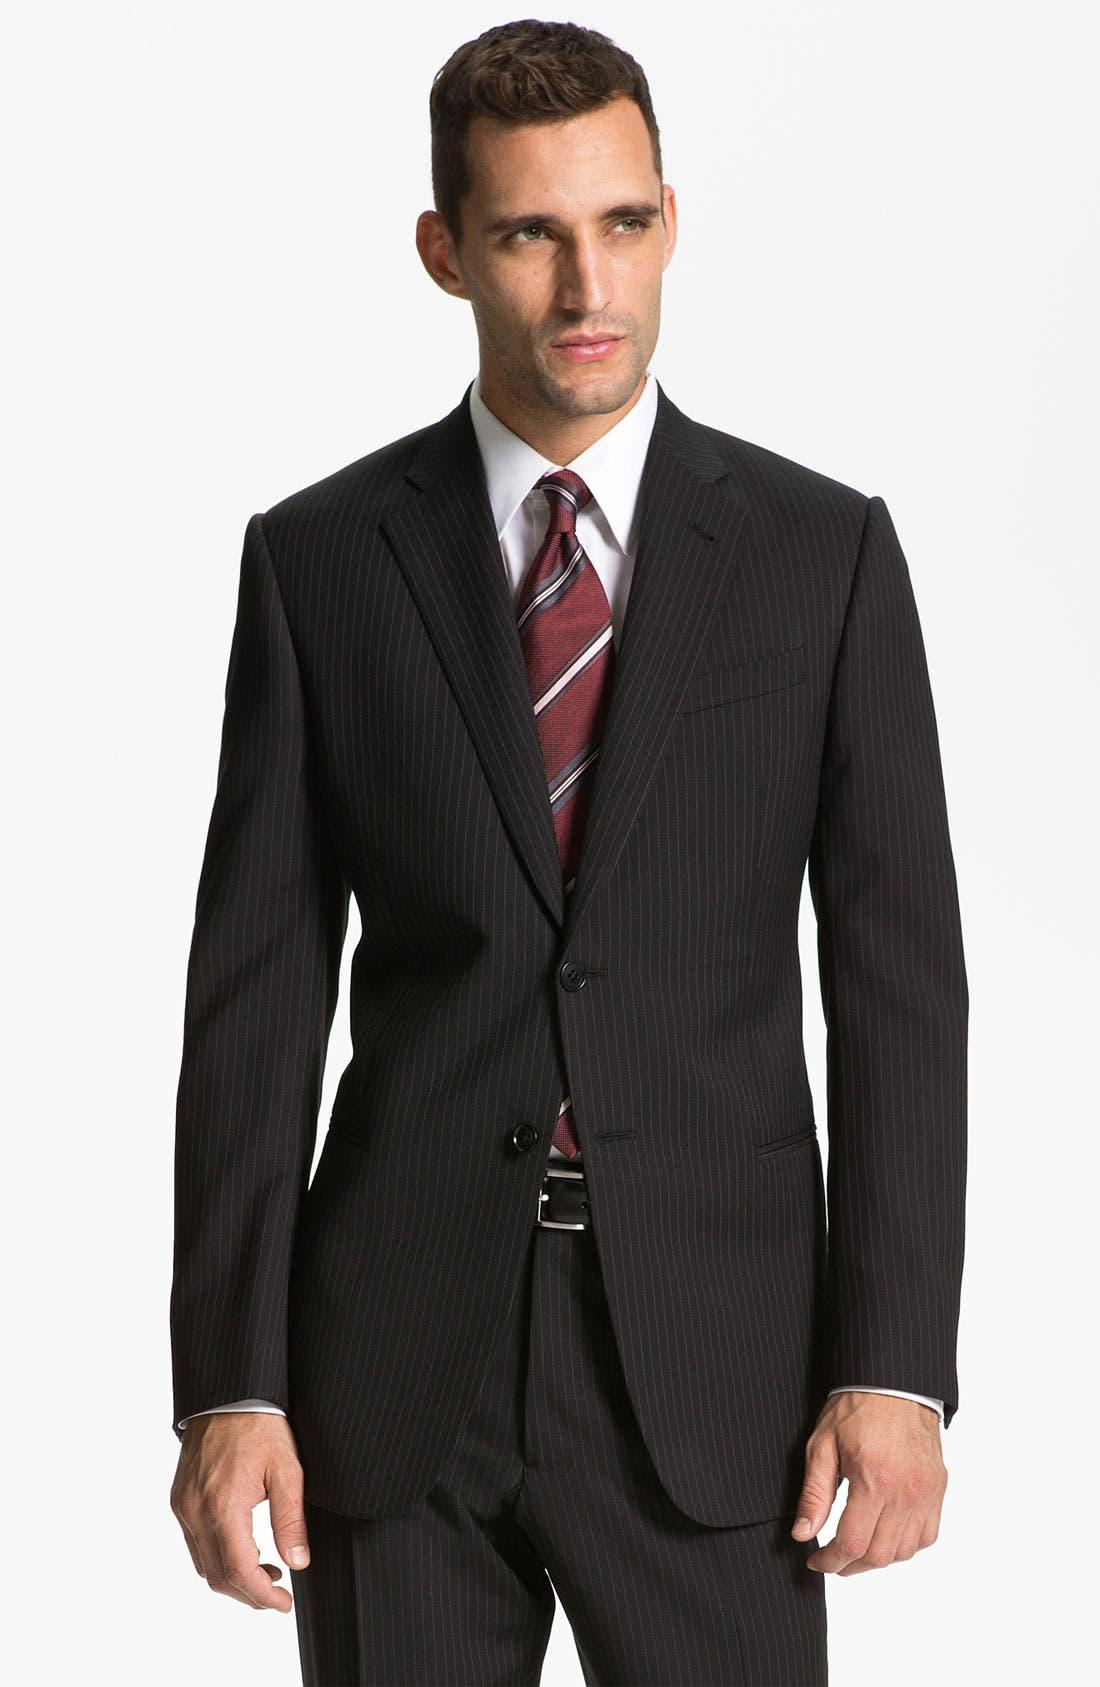 Alternate Image 1 Selected - Armani Collezioni 'Giorgio' Trim Fit Stripe Suit